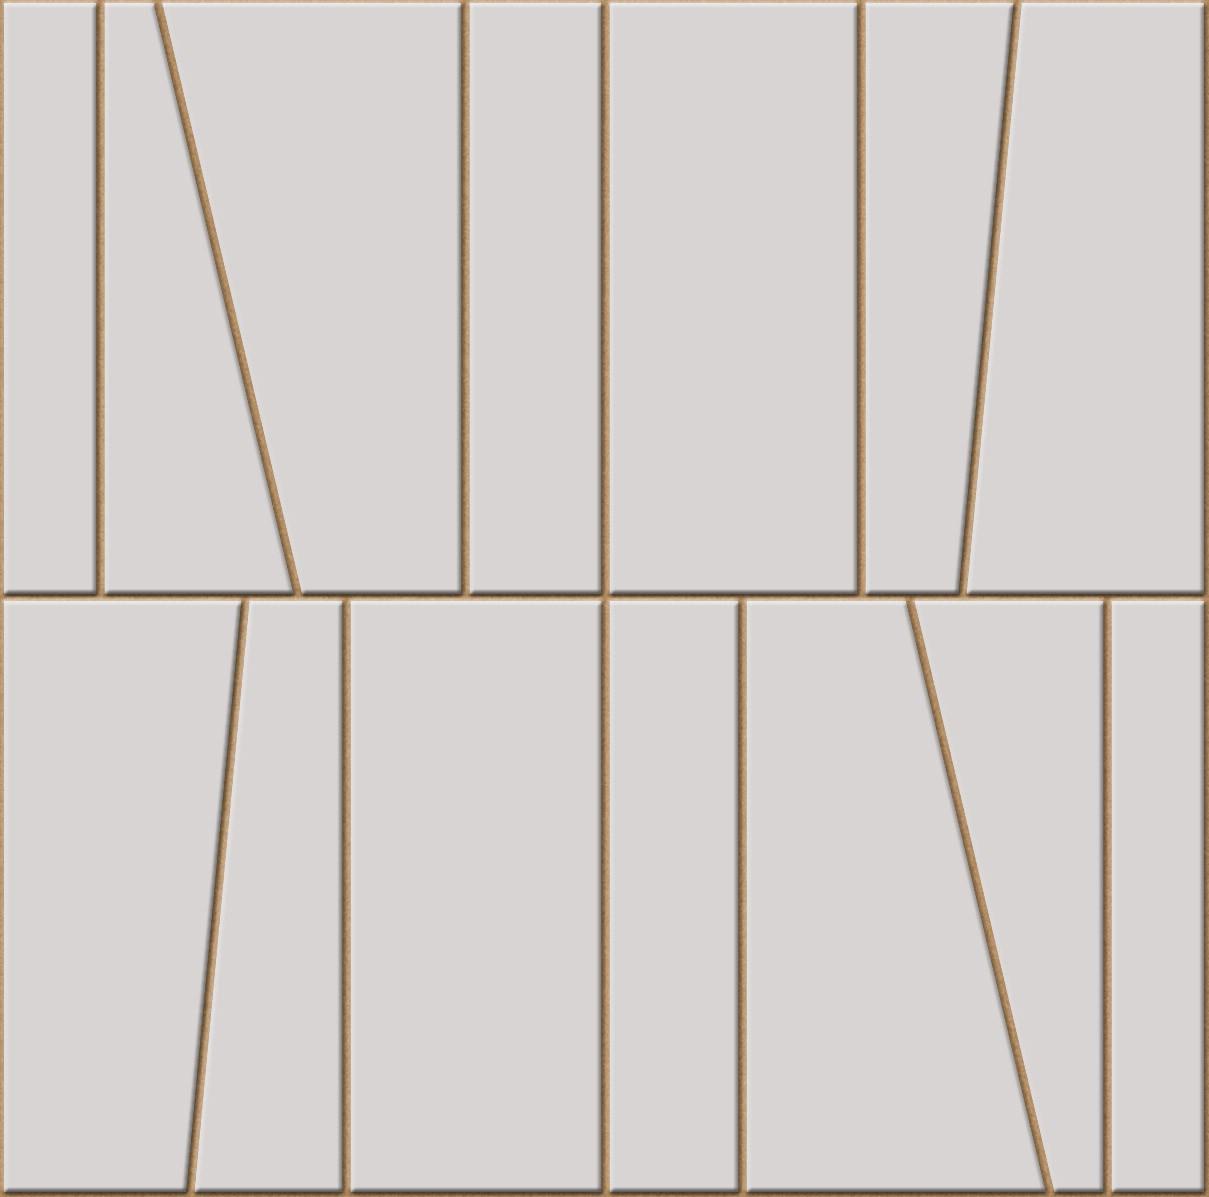 Текстура плитки | Текстура ...: junior3d.ru/texture/keramicheskayaPlitka.html